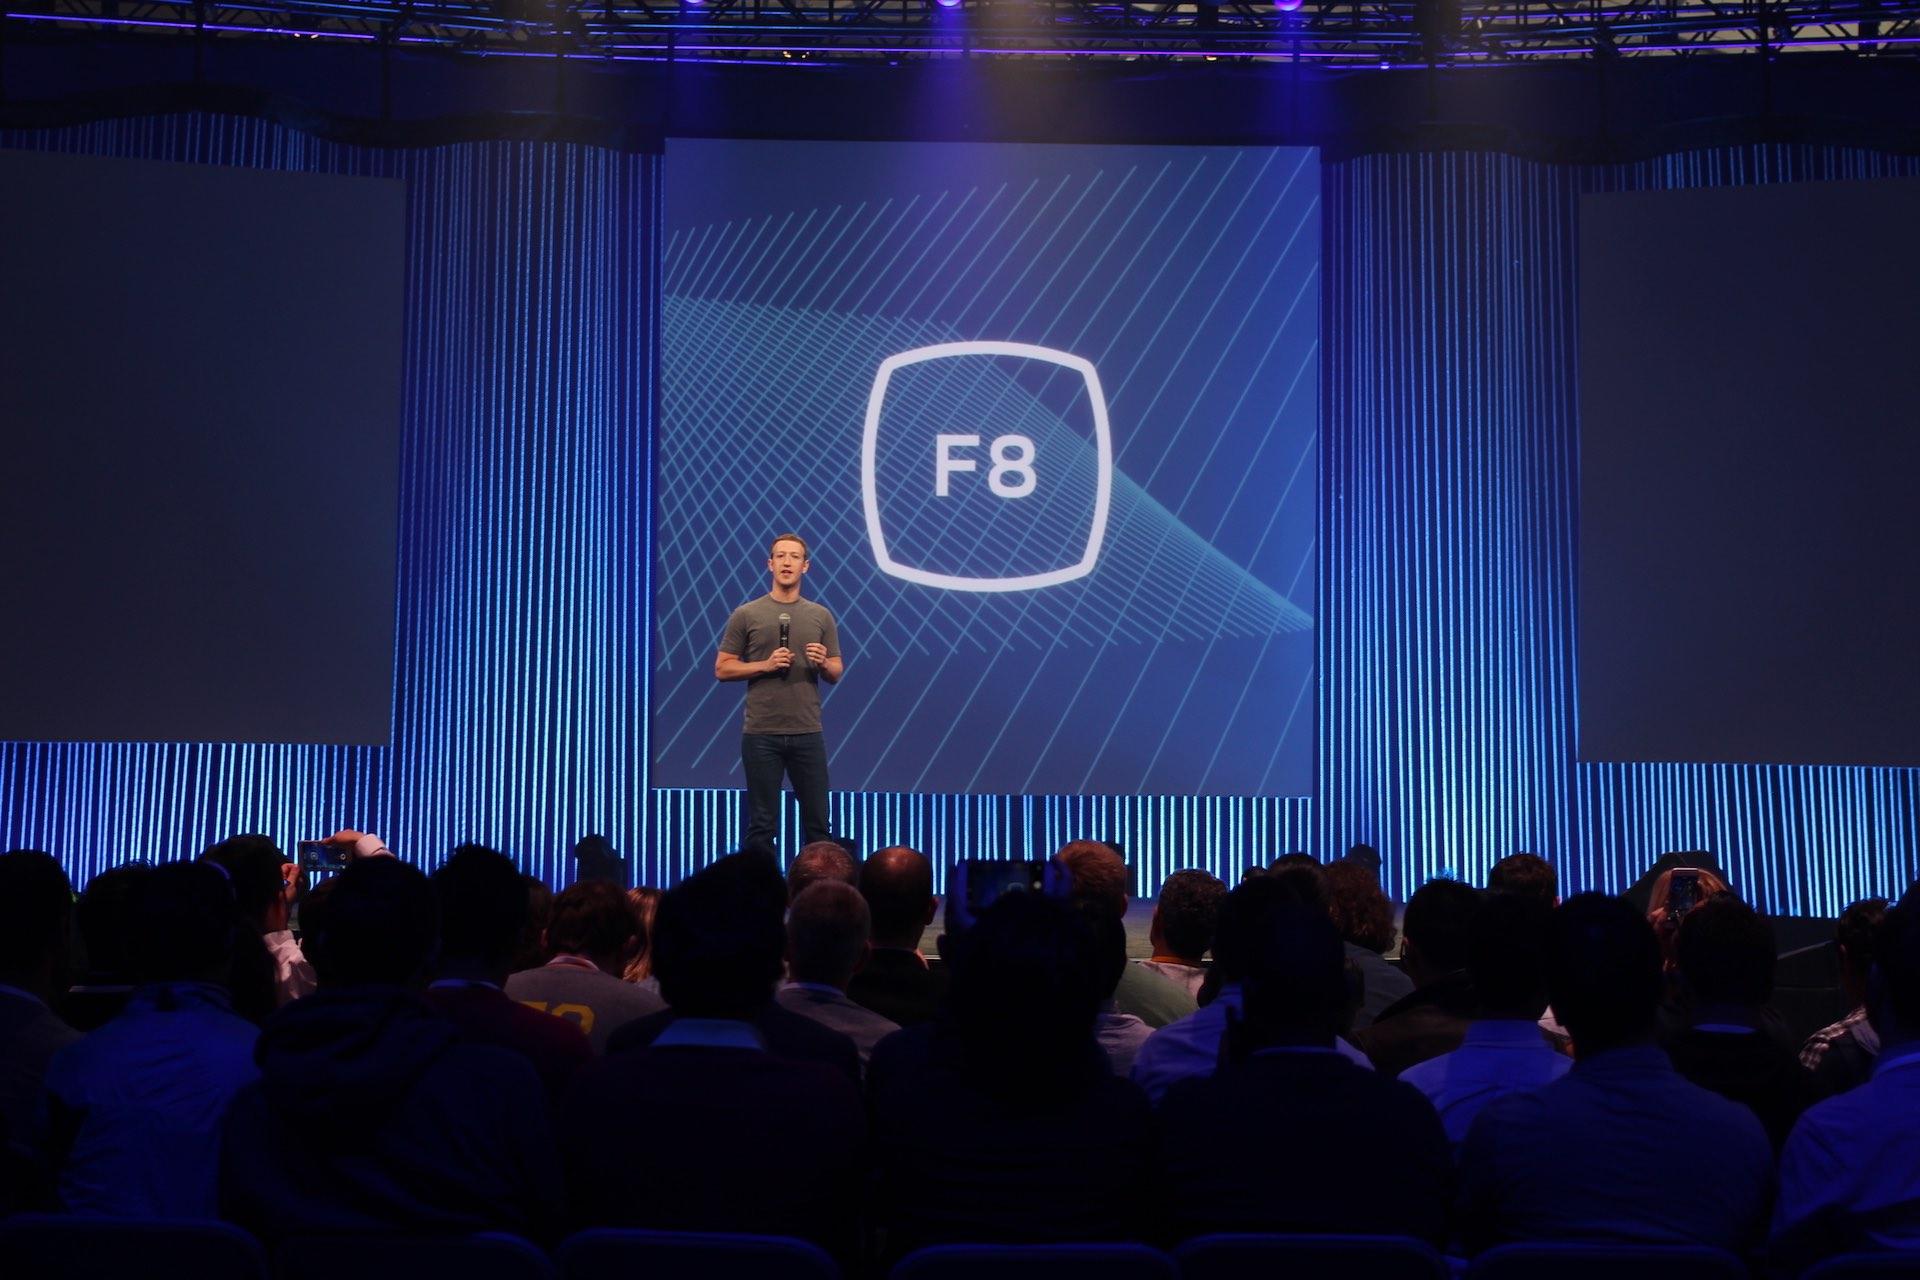 La mayor parte de los estadounidenses consultan noticias en Facebook, pero sólo un 18% confía en la red social